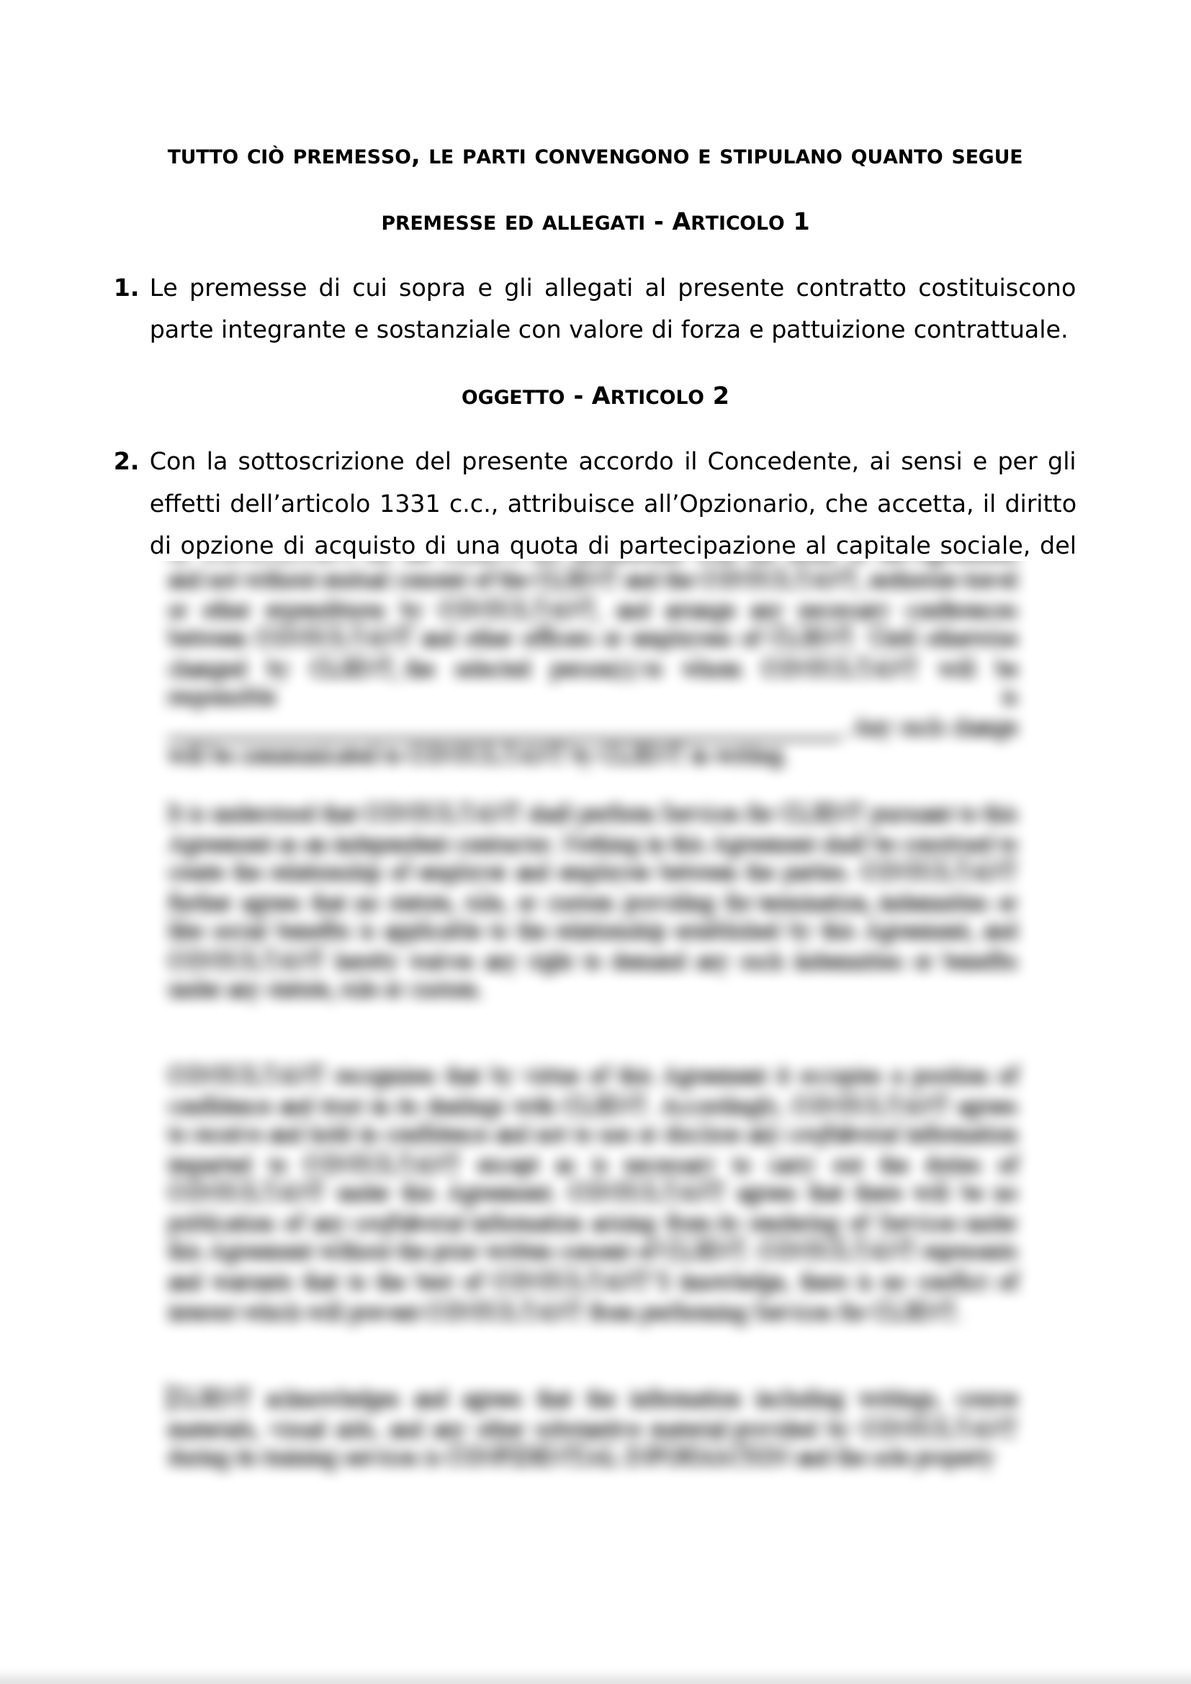 ACCORDO PER L'ATTRIBUZIONE DI DIRITTI DI OPZIONE DI ACQUISTO-1